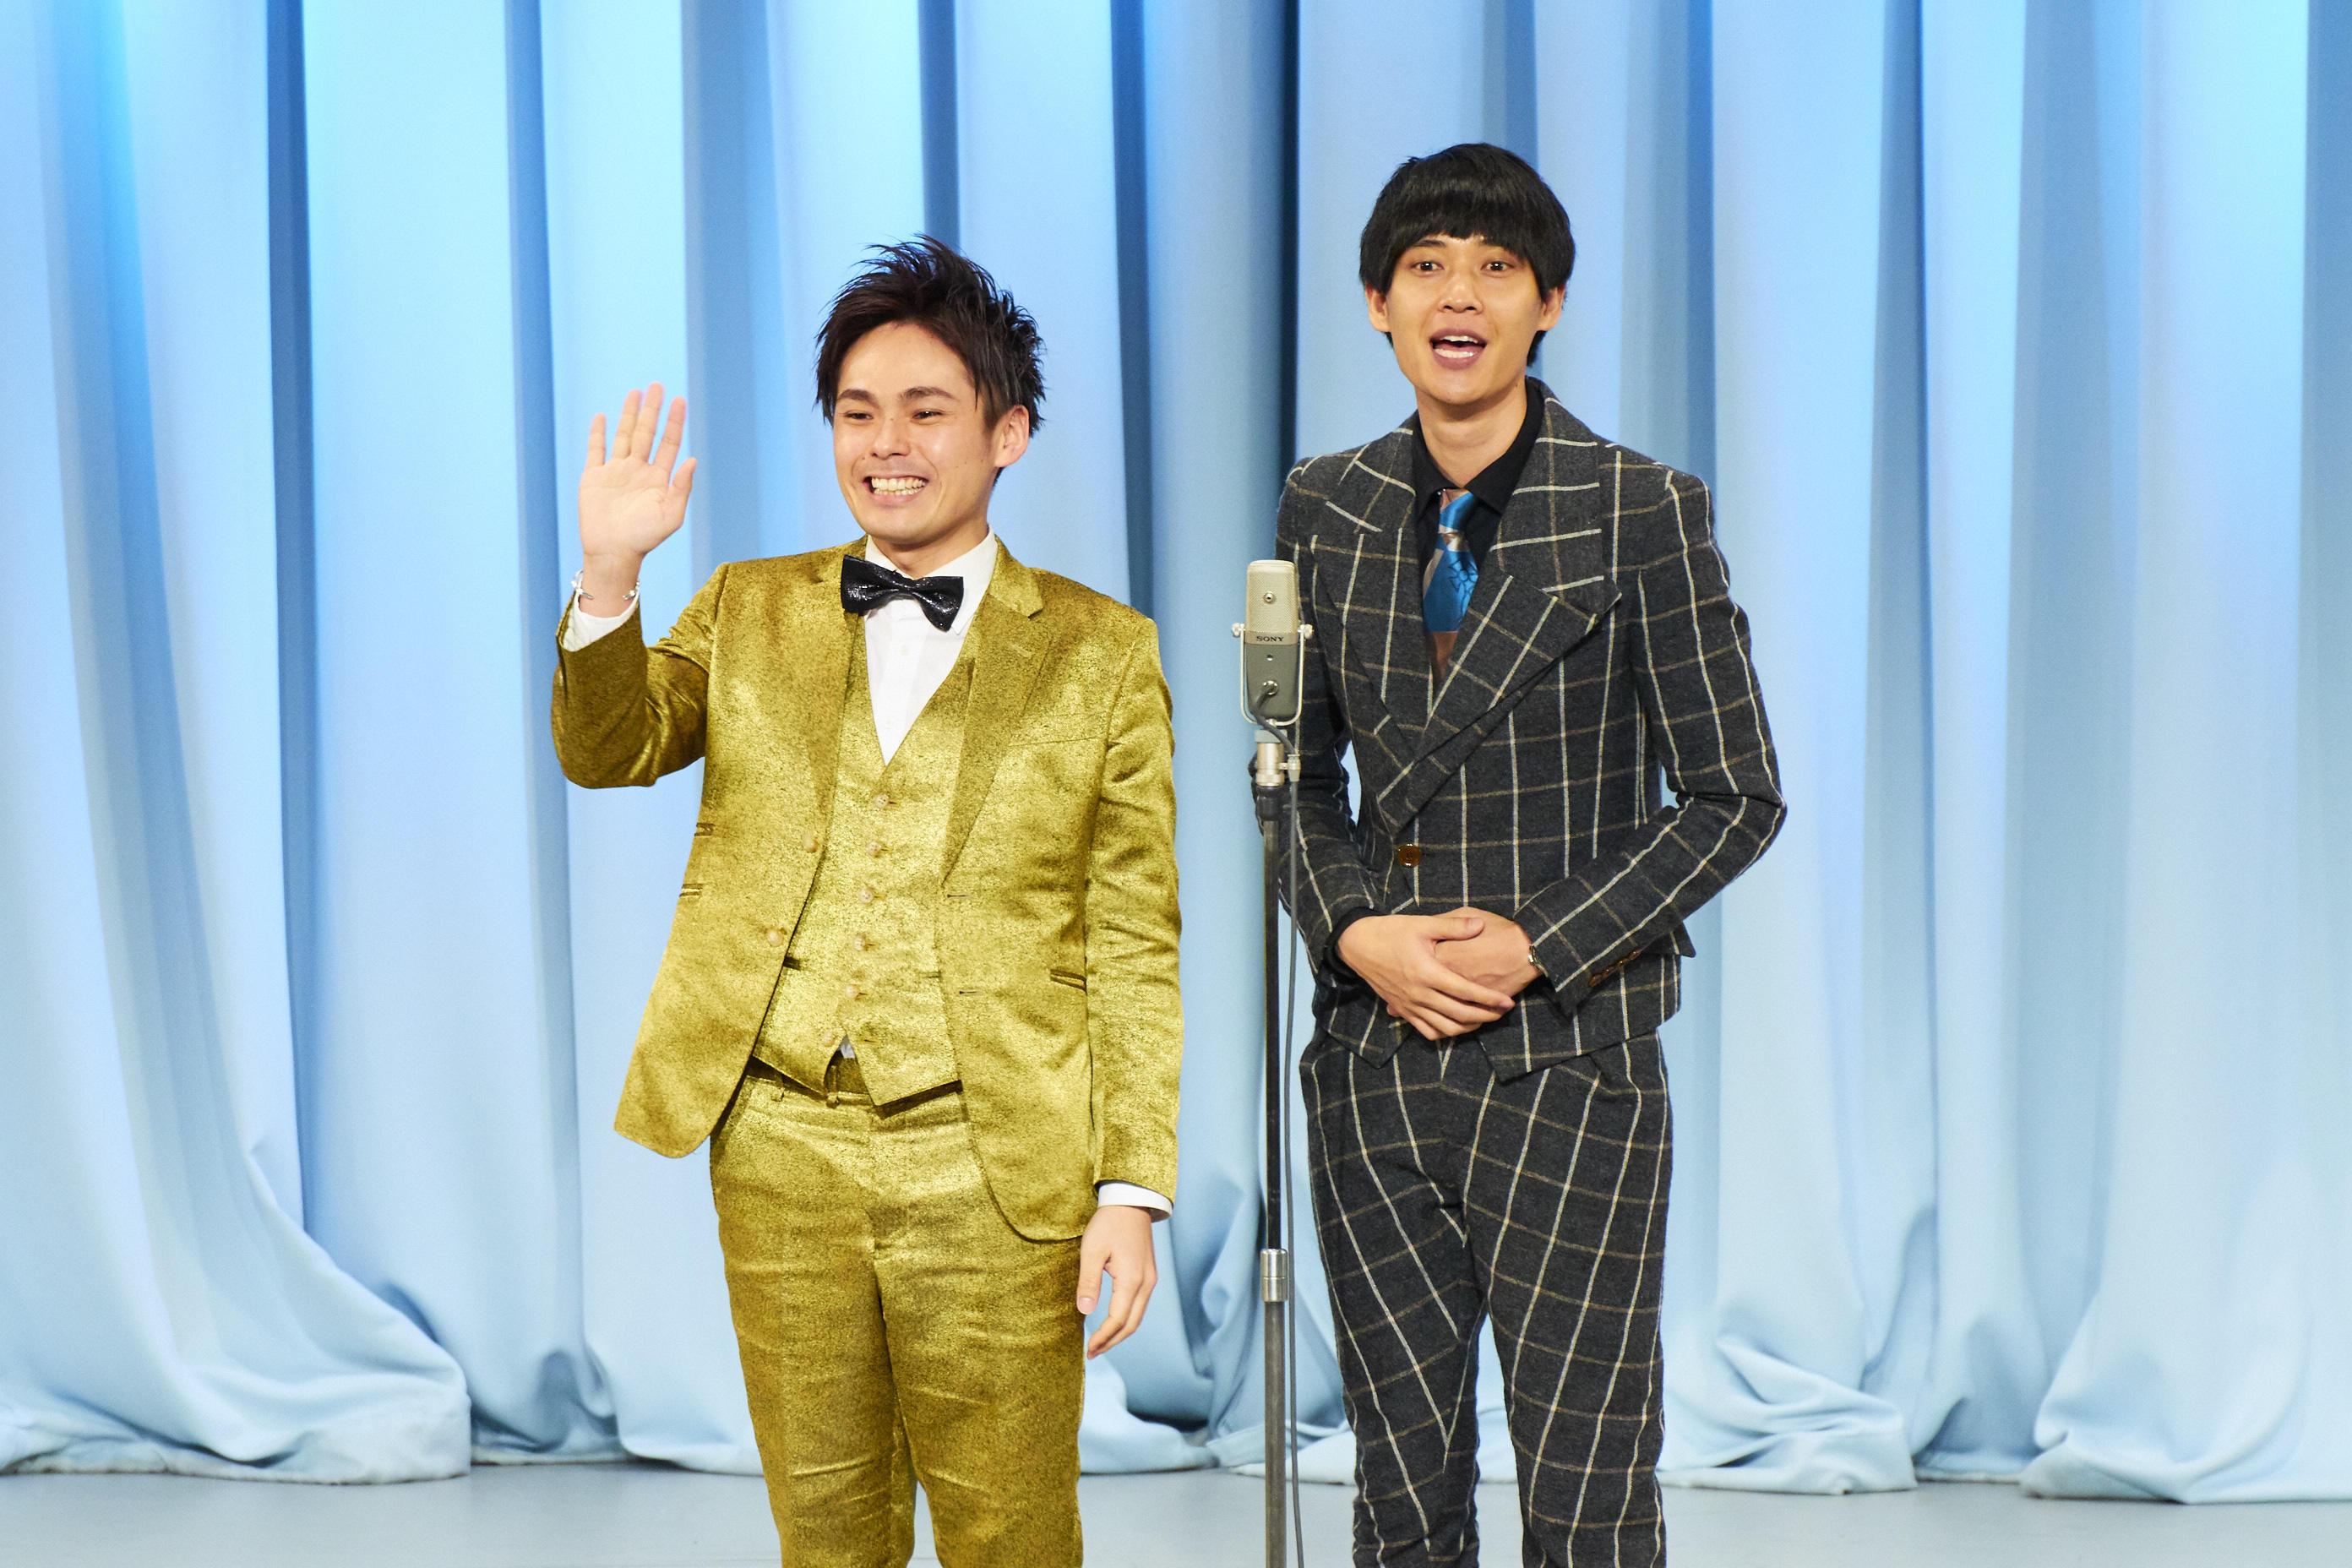 http://news.yoshimoto.co.jp/20180516003435-a2cc3391c0d8ee35759c2f58e269f149d6dc9a1f.jpg